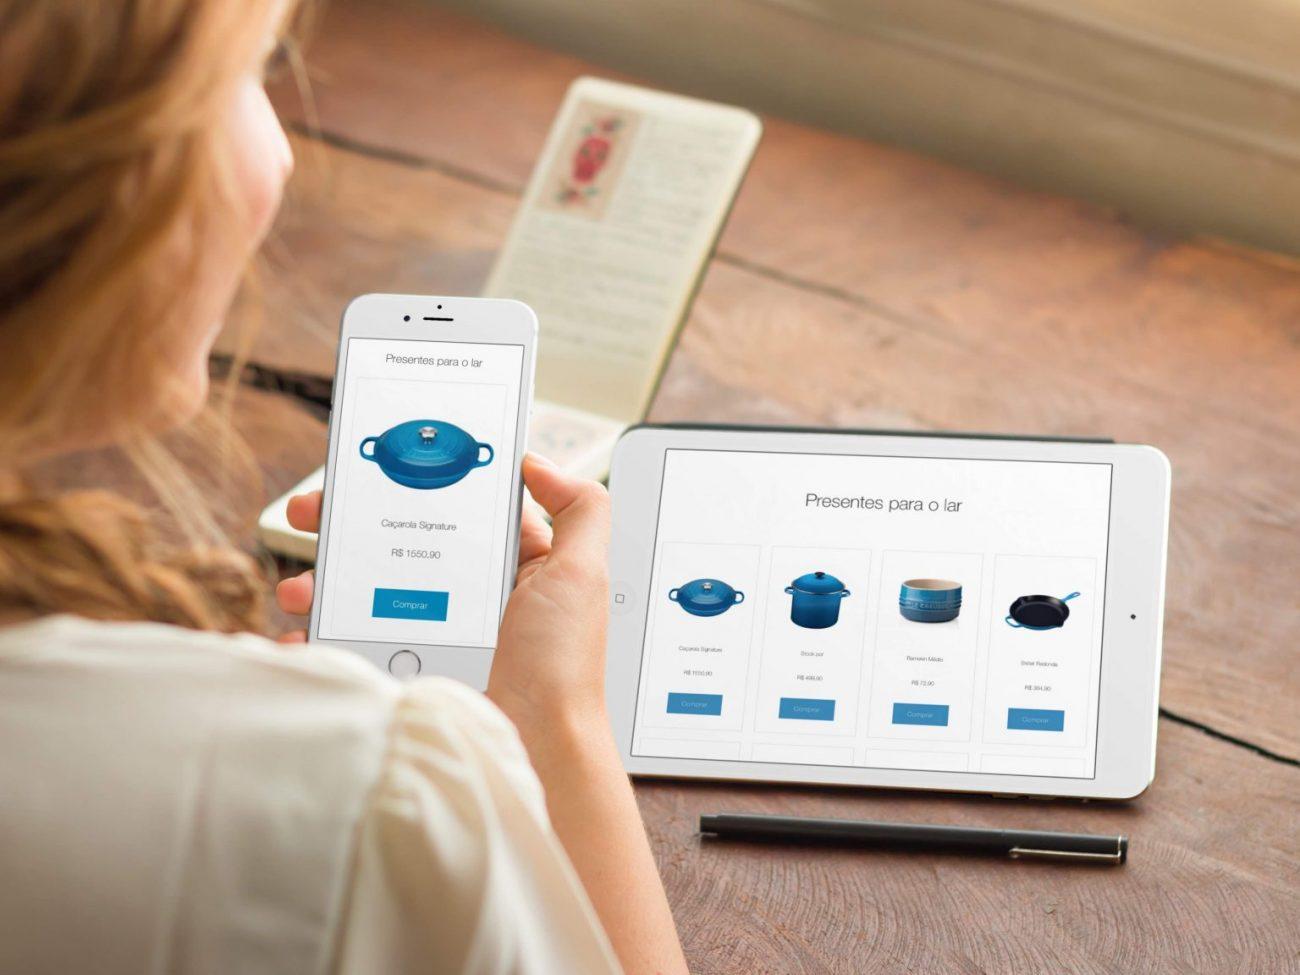 uma mulher segura um celular onde mostra uma lista de presentes de casamento virtual, e na frente dela também aparece uma lista em um tablet, com produtos para o lar, como panelas